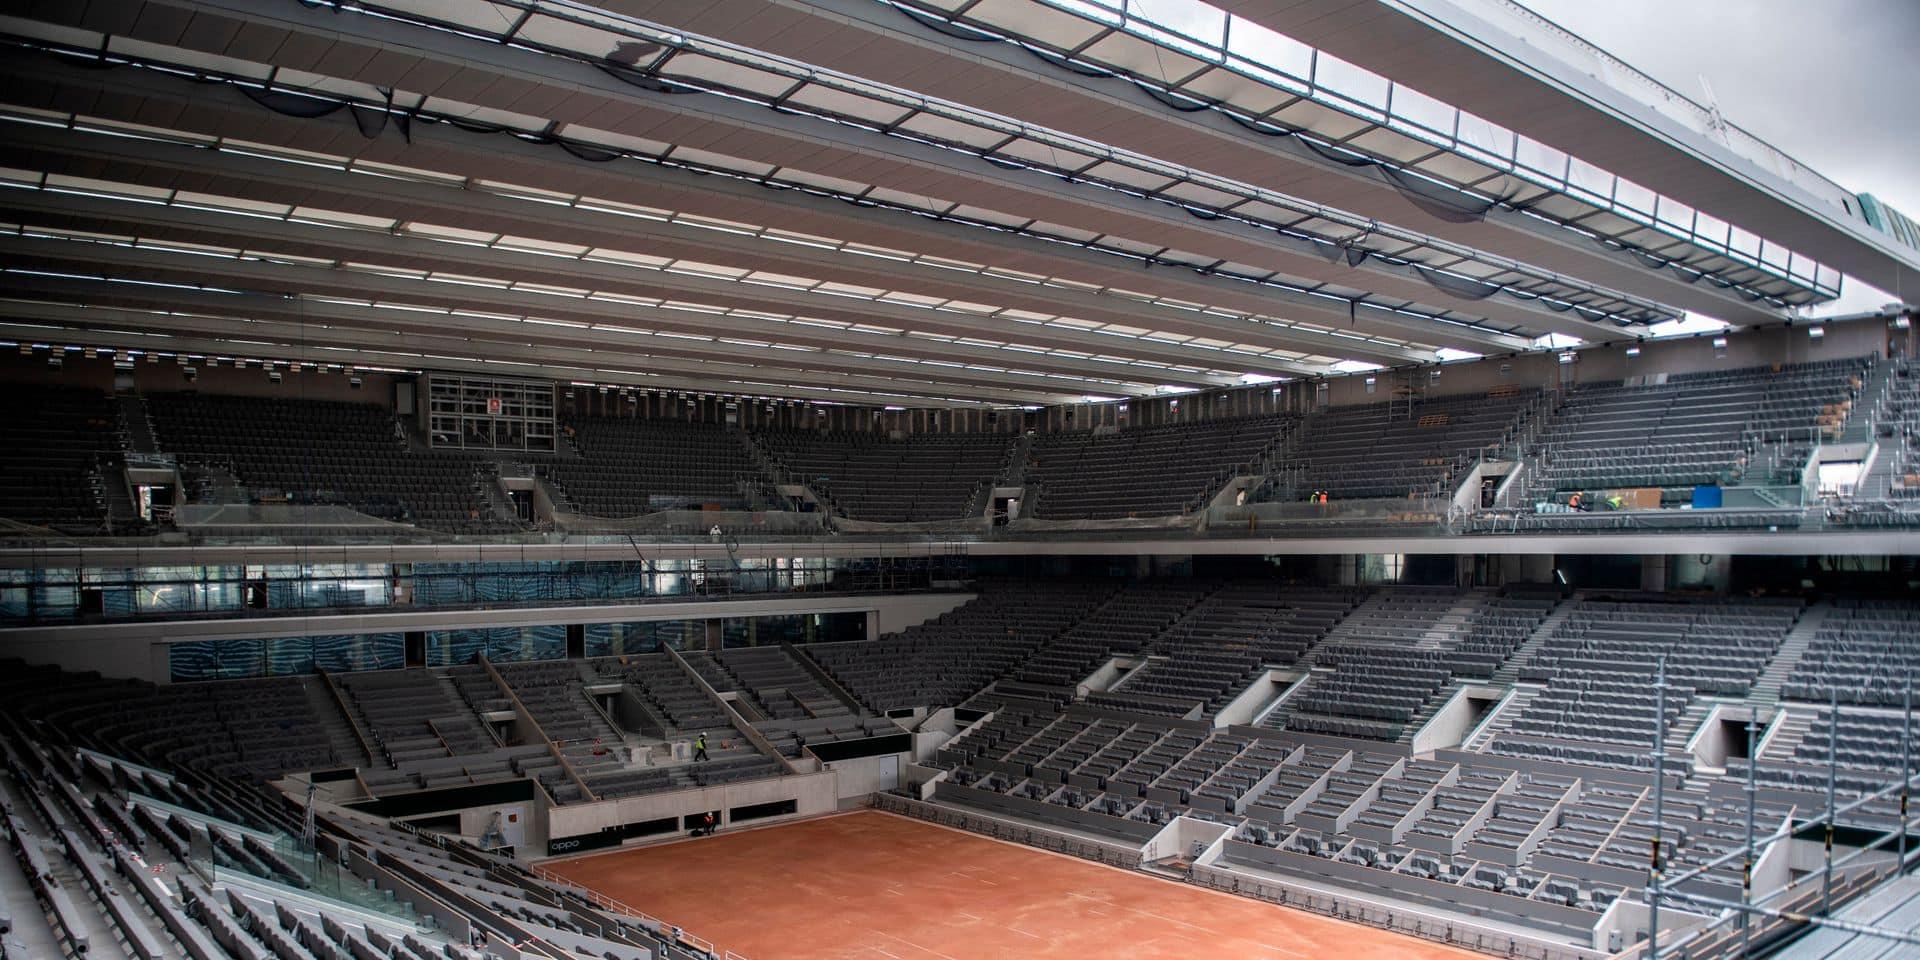 Roland-Garros: jauge réduite de 20.000 à 11.500 spectateurs par jour